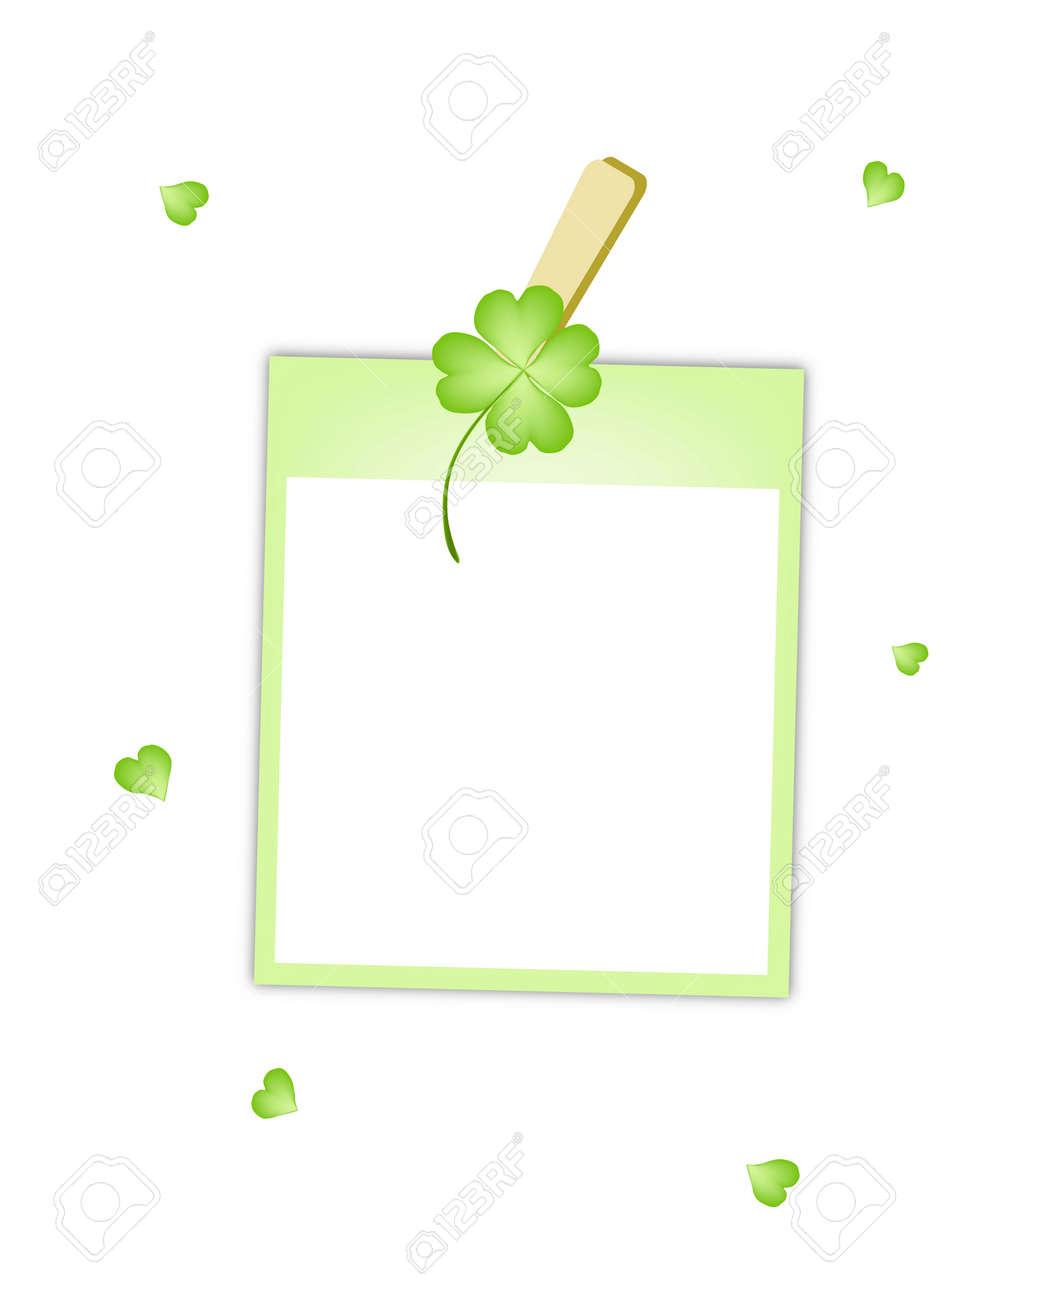 Symbole Für Glück Und Glück, Vektor-Illustration Von Blank Instant ...